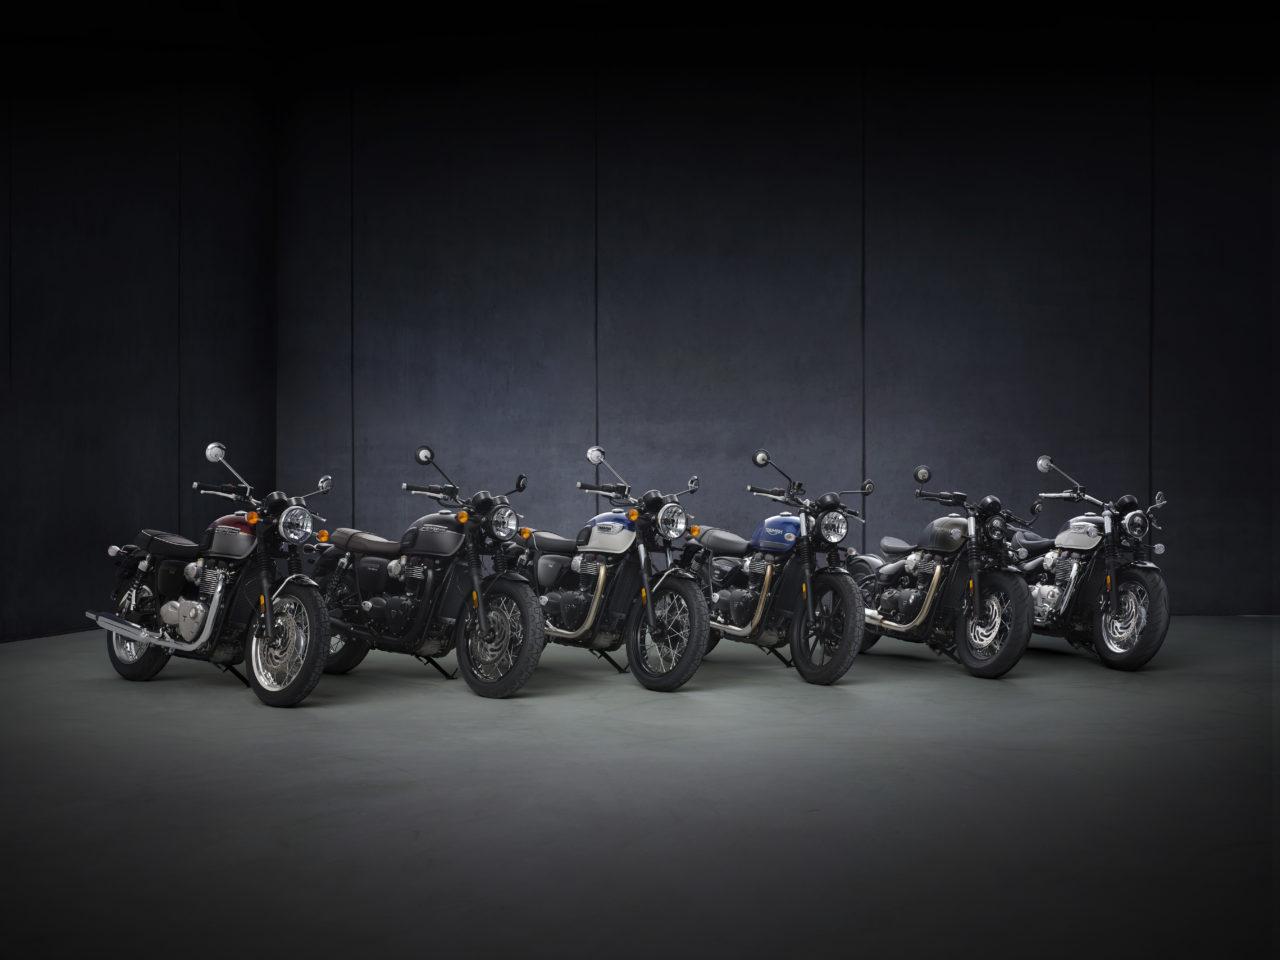 Les nouveautés Triumph 2021 : Bonneville, T120, T100, Street Twin, Bobber